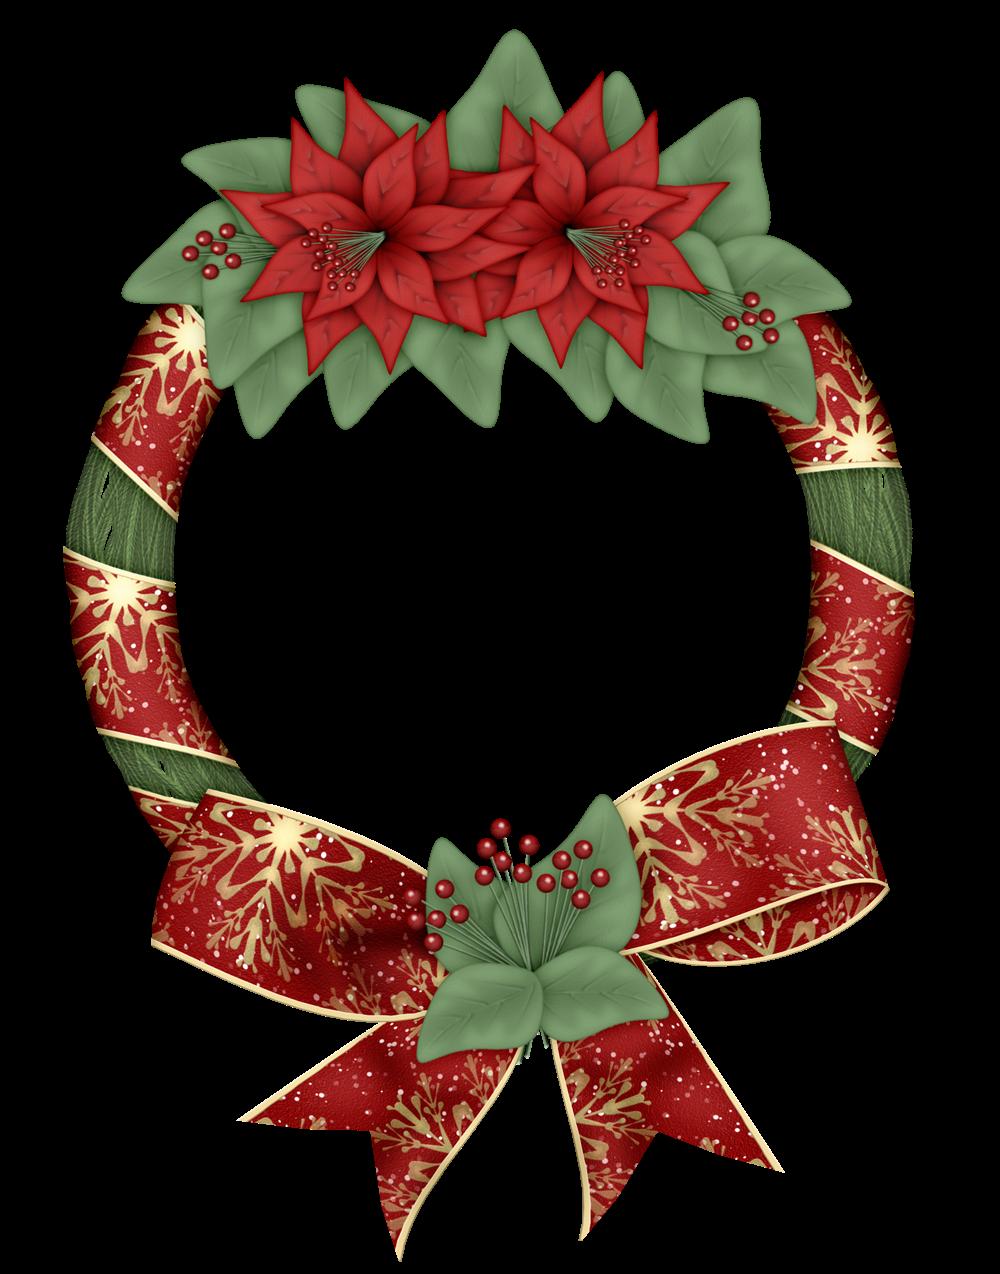 El rinc n vintage adornos de navidad vintage en png for Adornos arbol navidad online